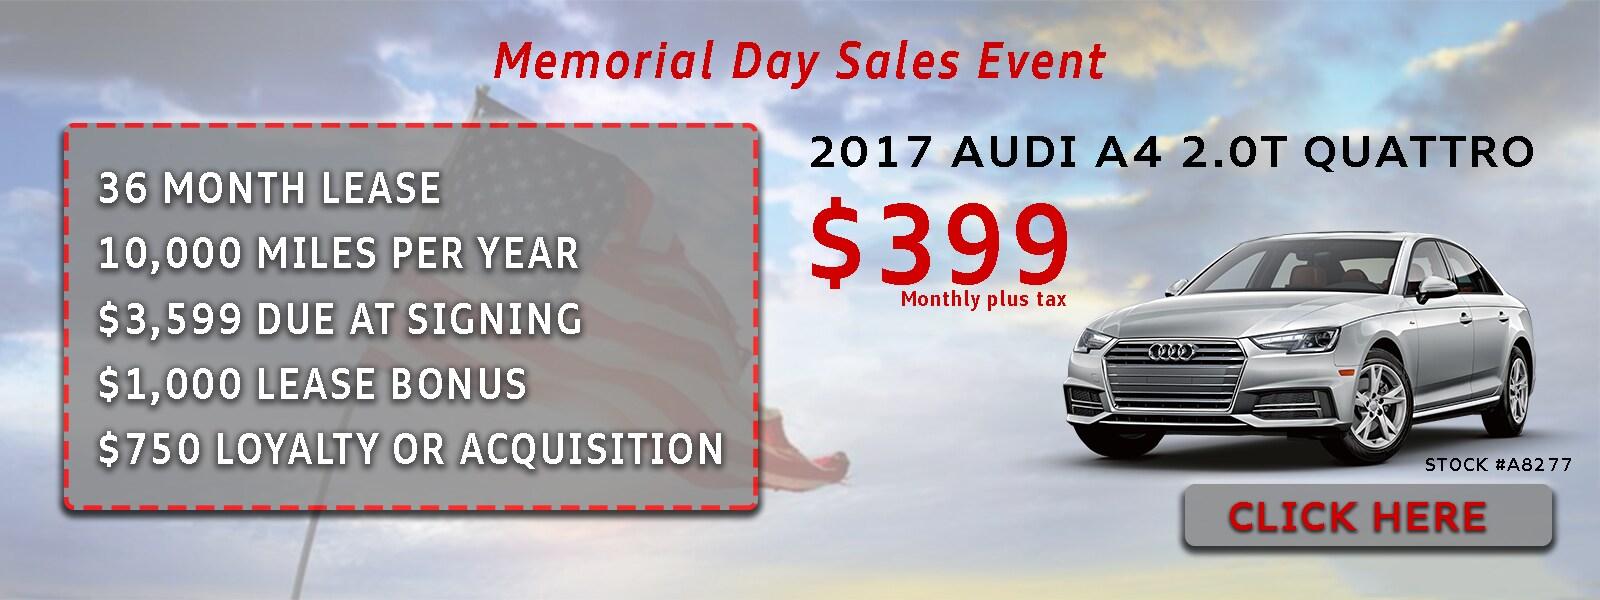 Memorial Day Car Sales 2017 >> Memorial Day Sales Event Audi Marin